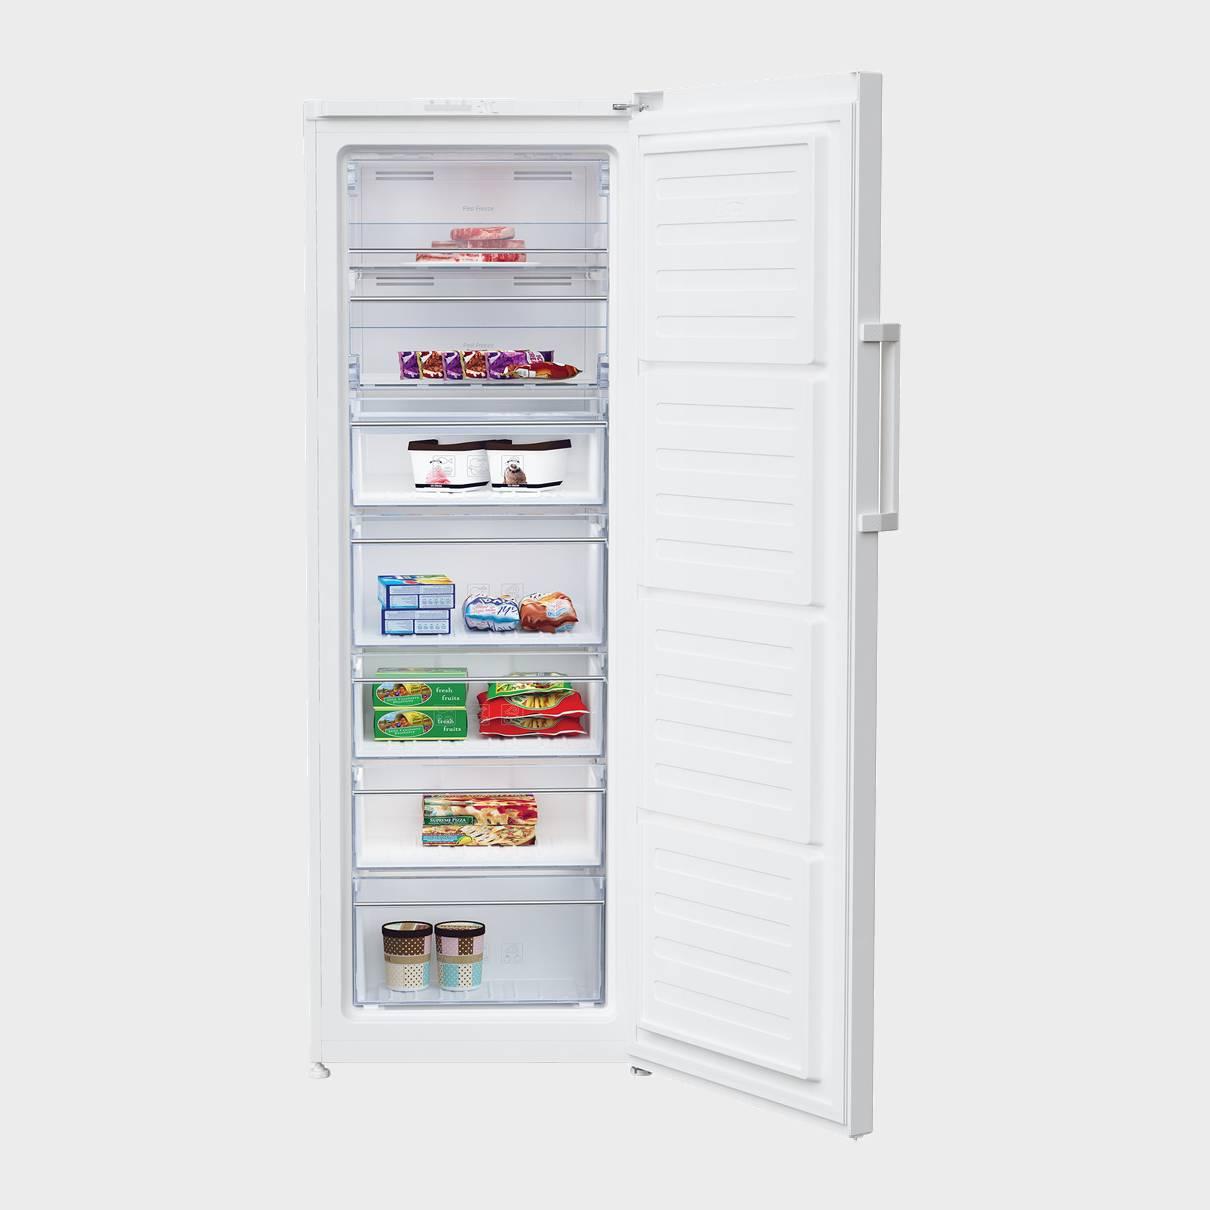 congelador vertical beko rfne290l21w no frost 171 4x59 5 a. Black Bedroom Furniture Sets. Home Design Ideas